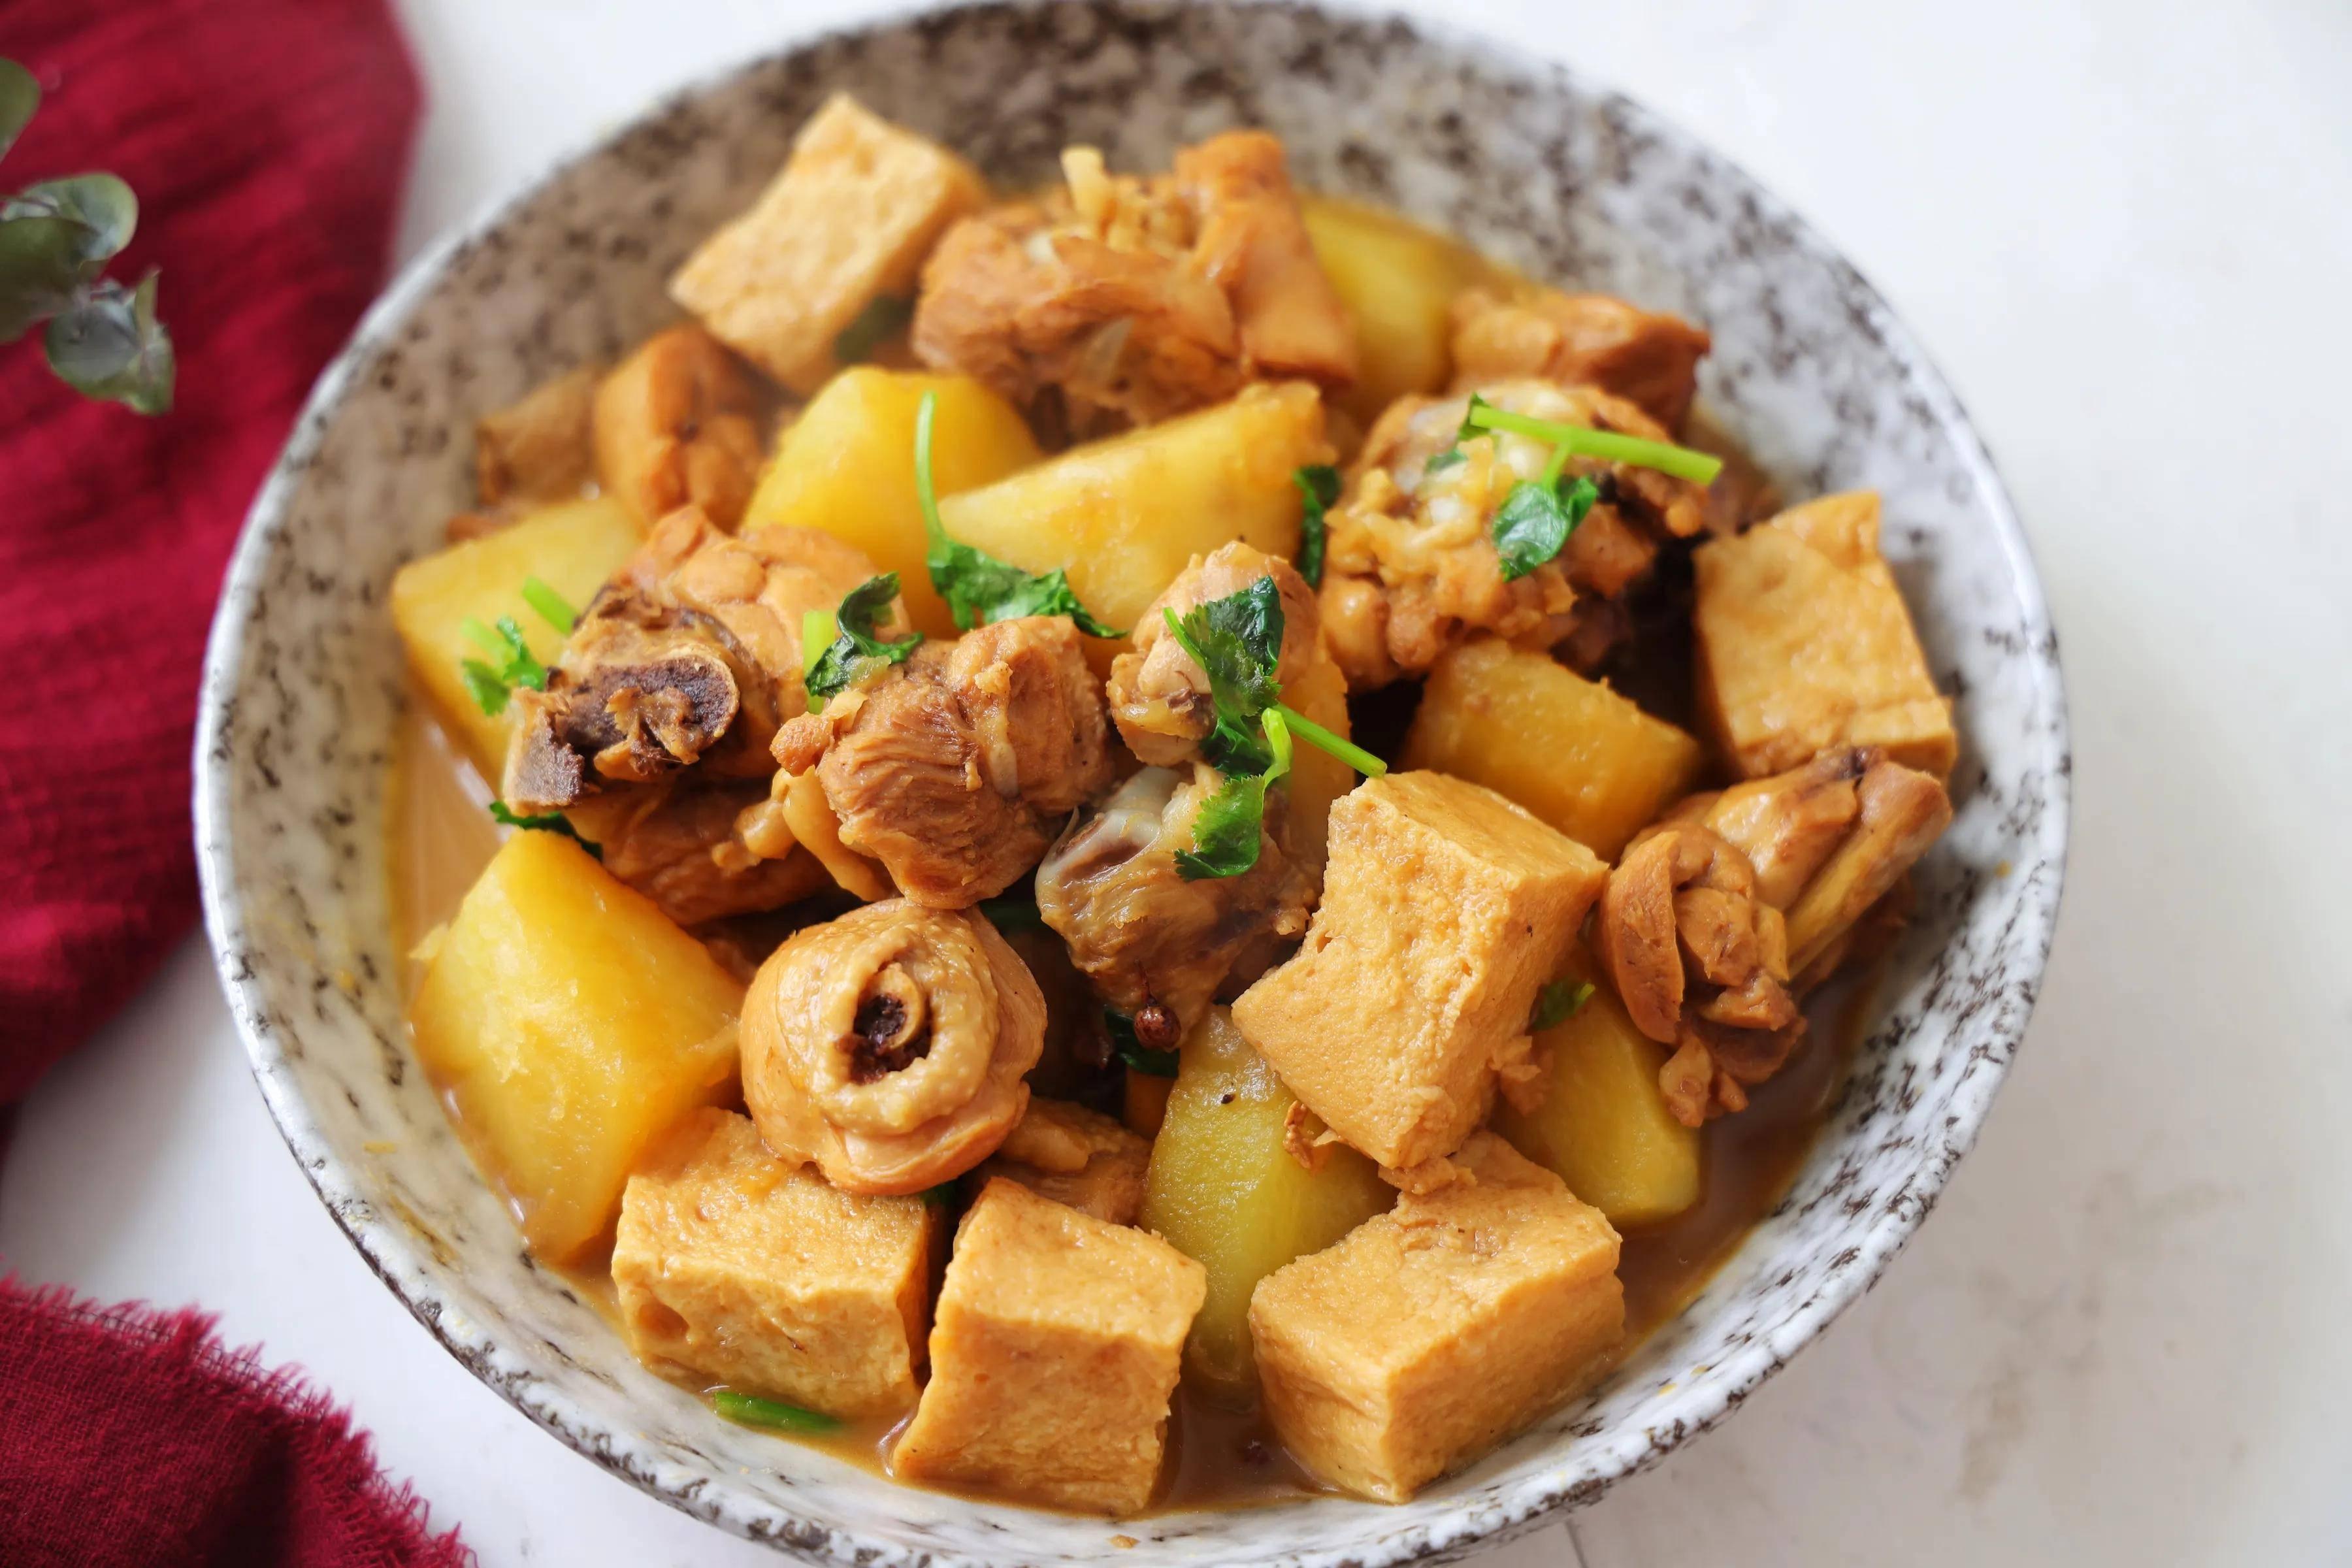 土豆炖鸡块,小时候的味道,炖一大锅,全家人围着吃,满足又解馋